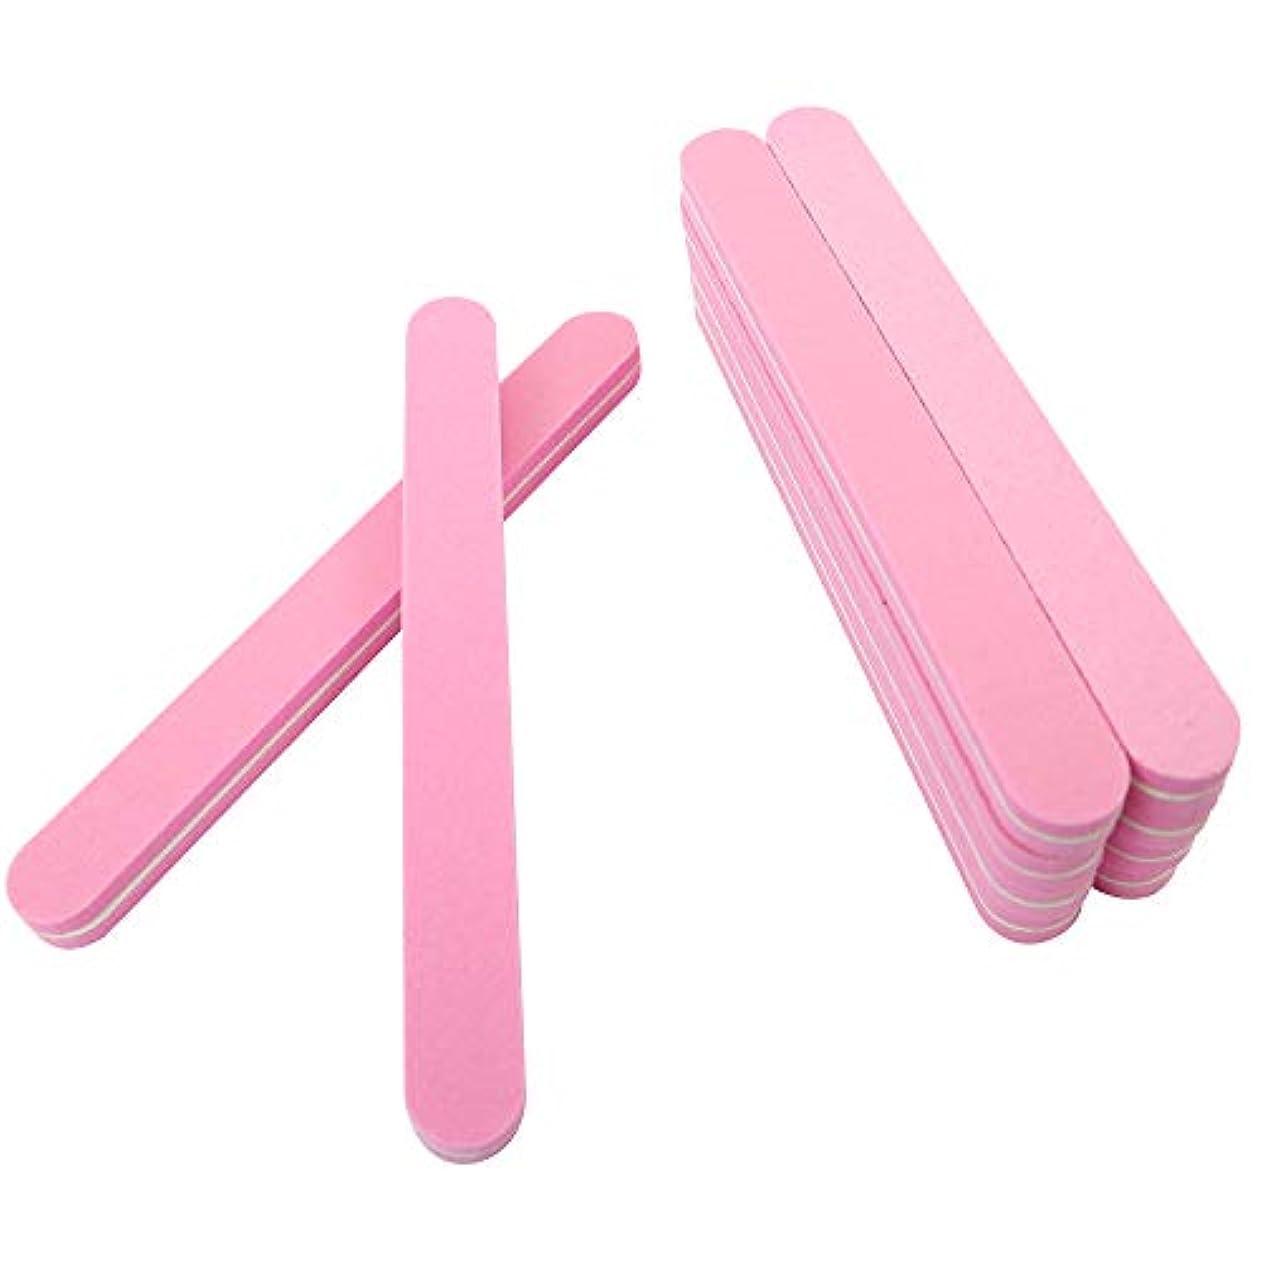 毎週ブランク期限切れSIEG つめピカ 爪やすり 爪先美人をめざす2ステップ磨きのネイルシャイナー 10本セット